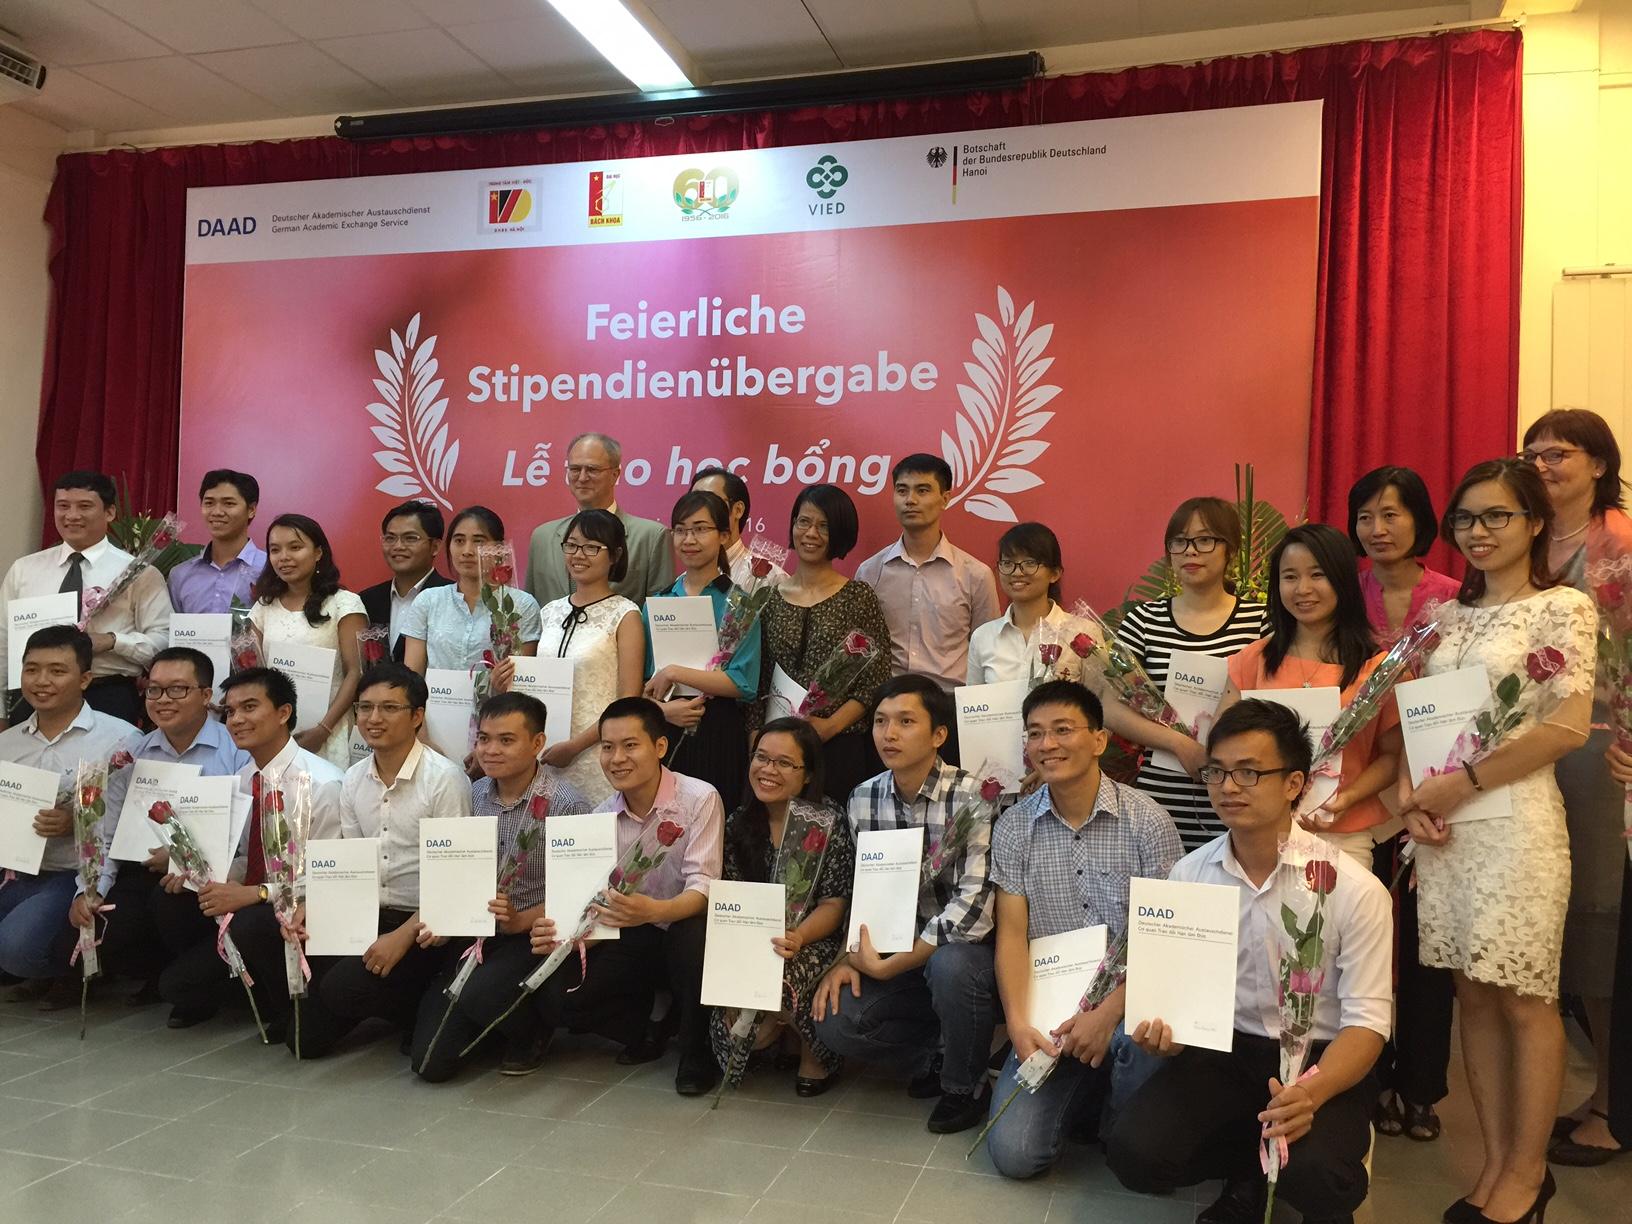 Sinh viên và các nhà khoa học nhận được học bổng DAAD chụp ảnh chung với ông đại sứ. Ảnh: Hòa An